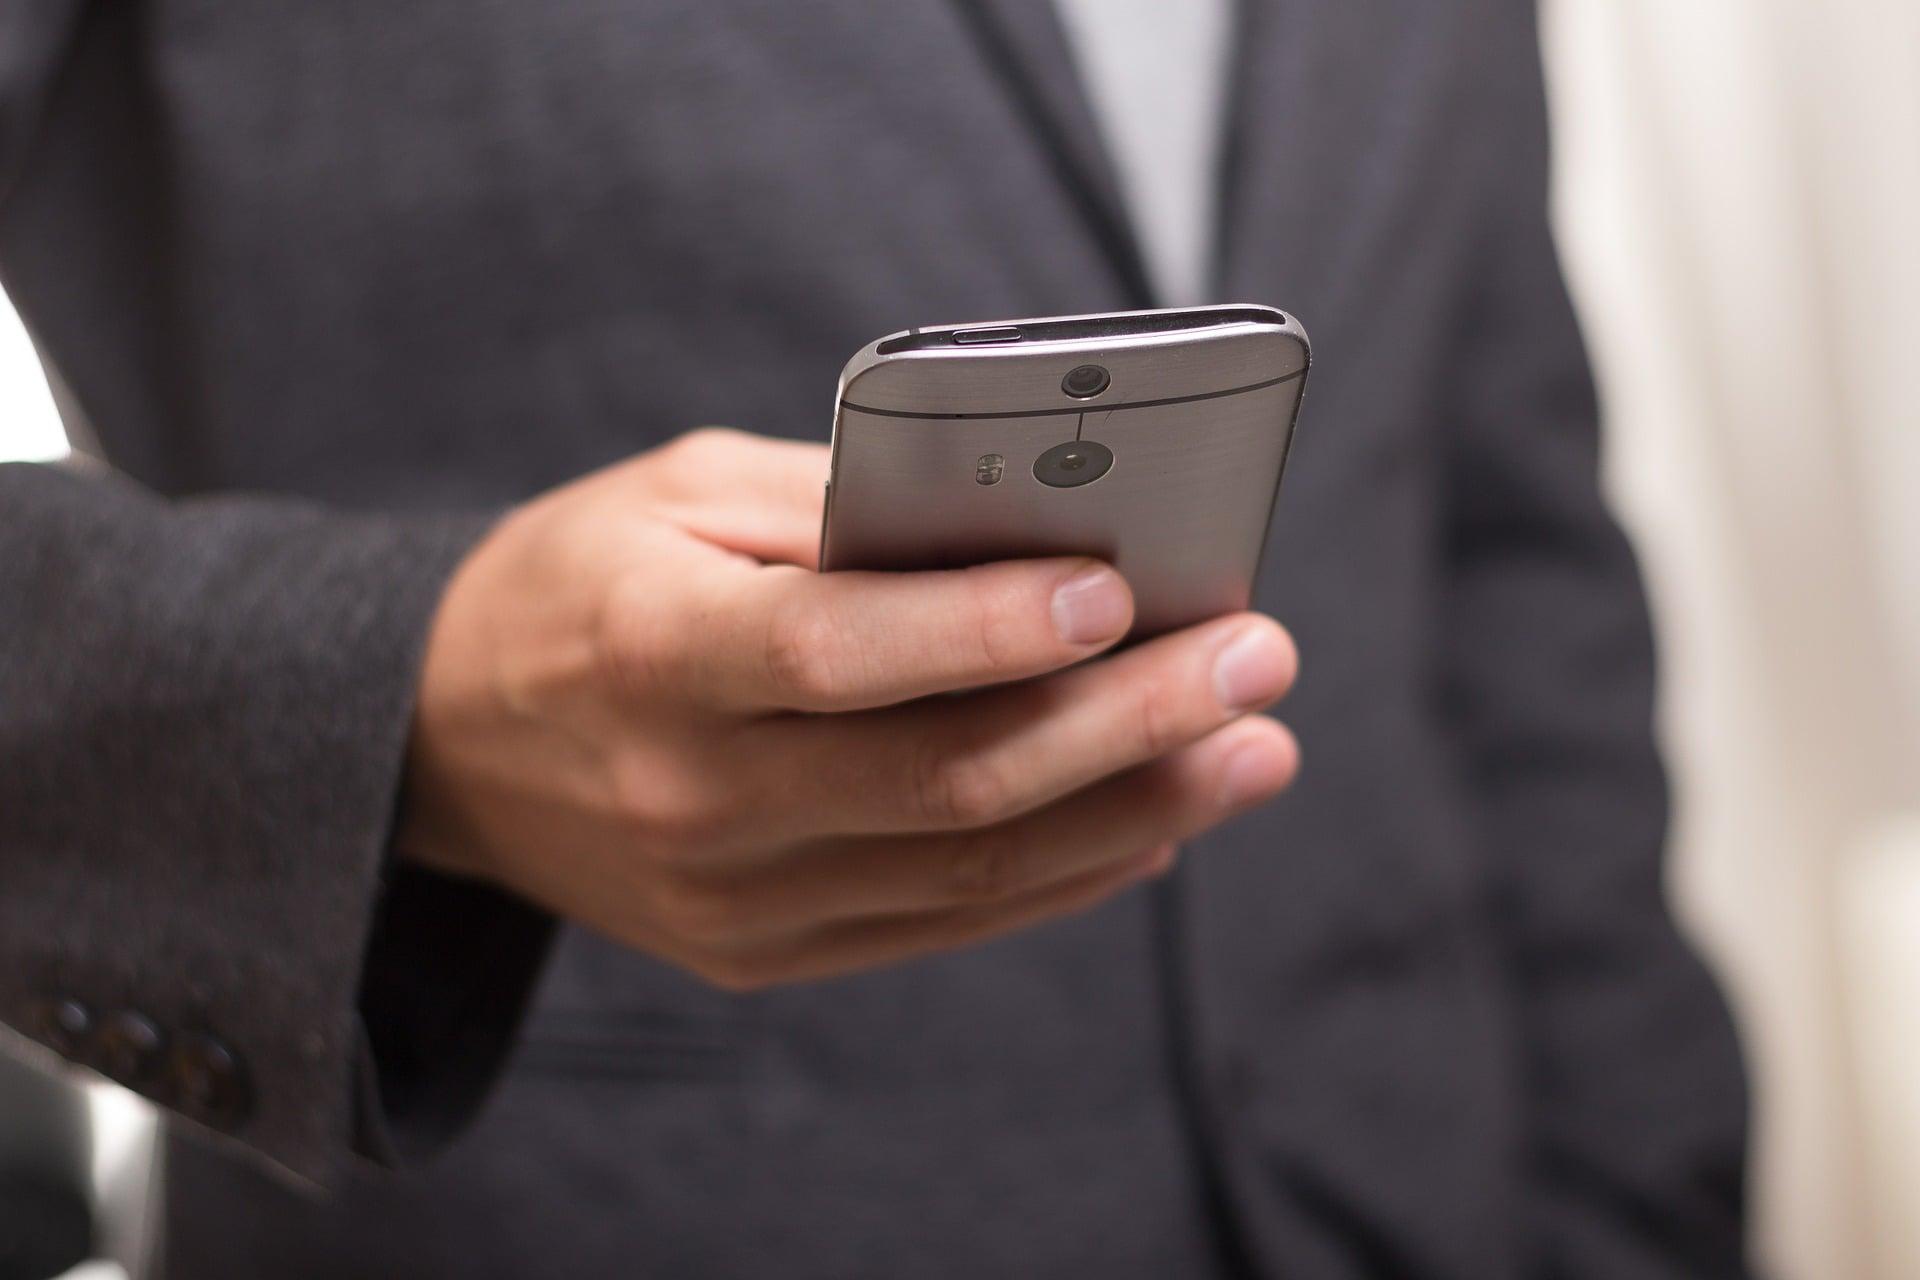 Więcej śmieciowych połączeń na nasze smartfony? Tak raportuje Truecaller 22